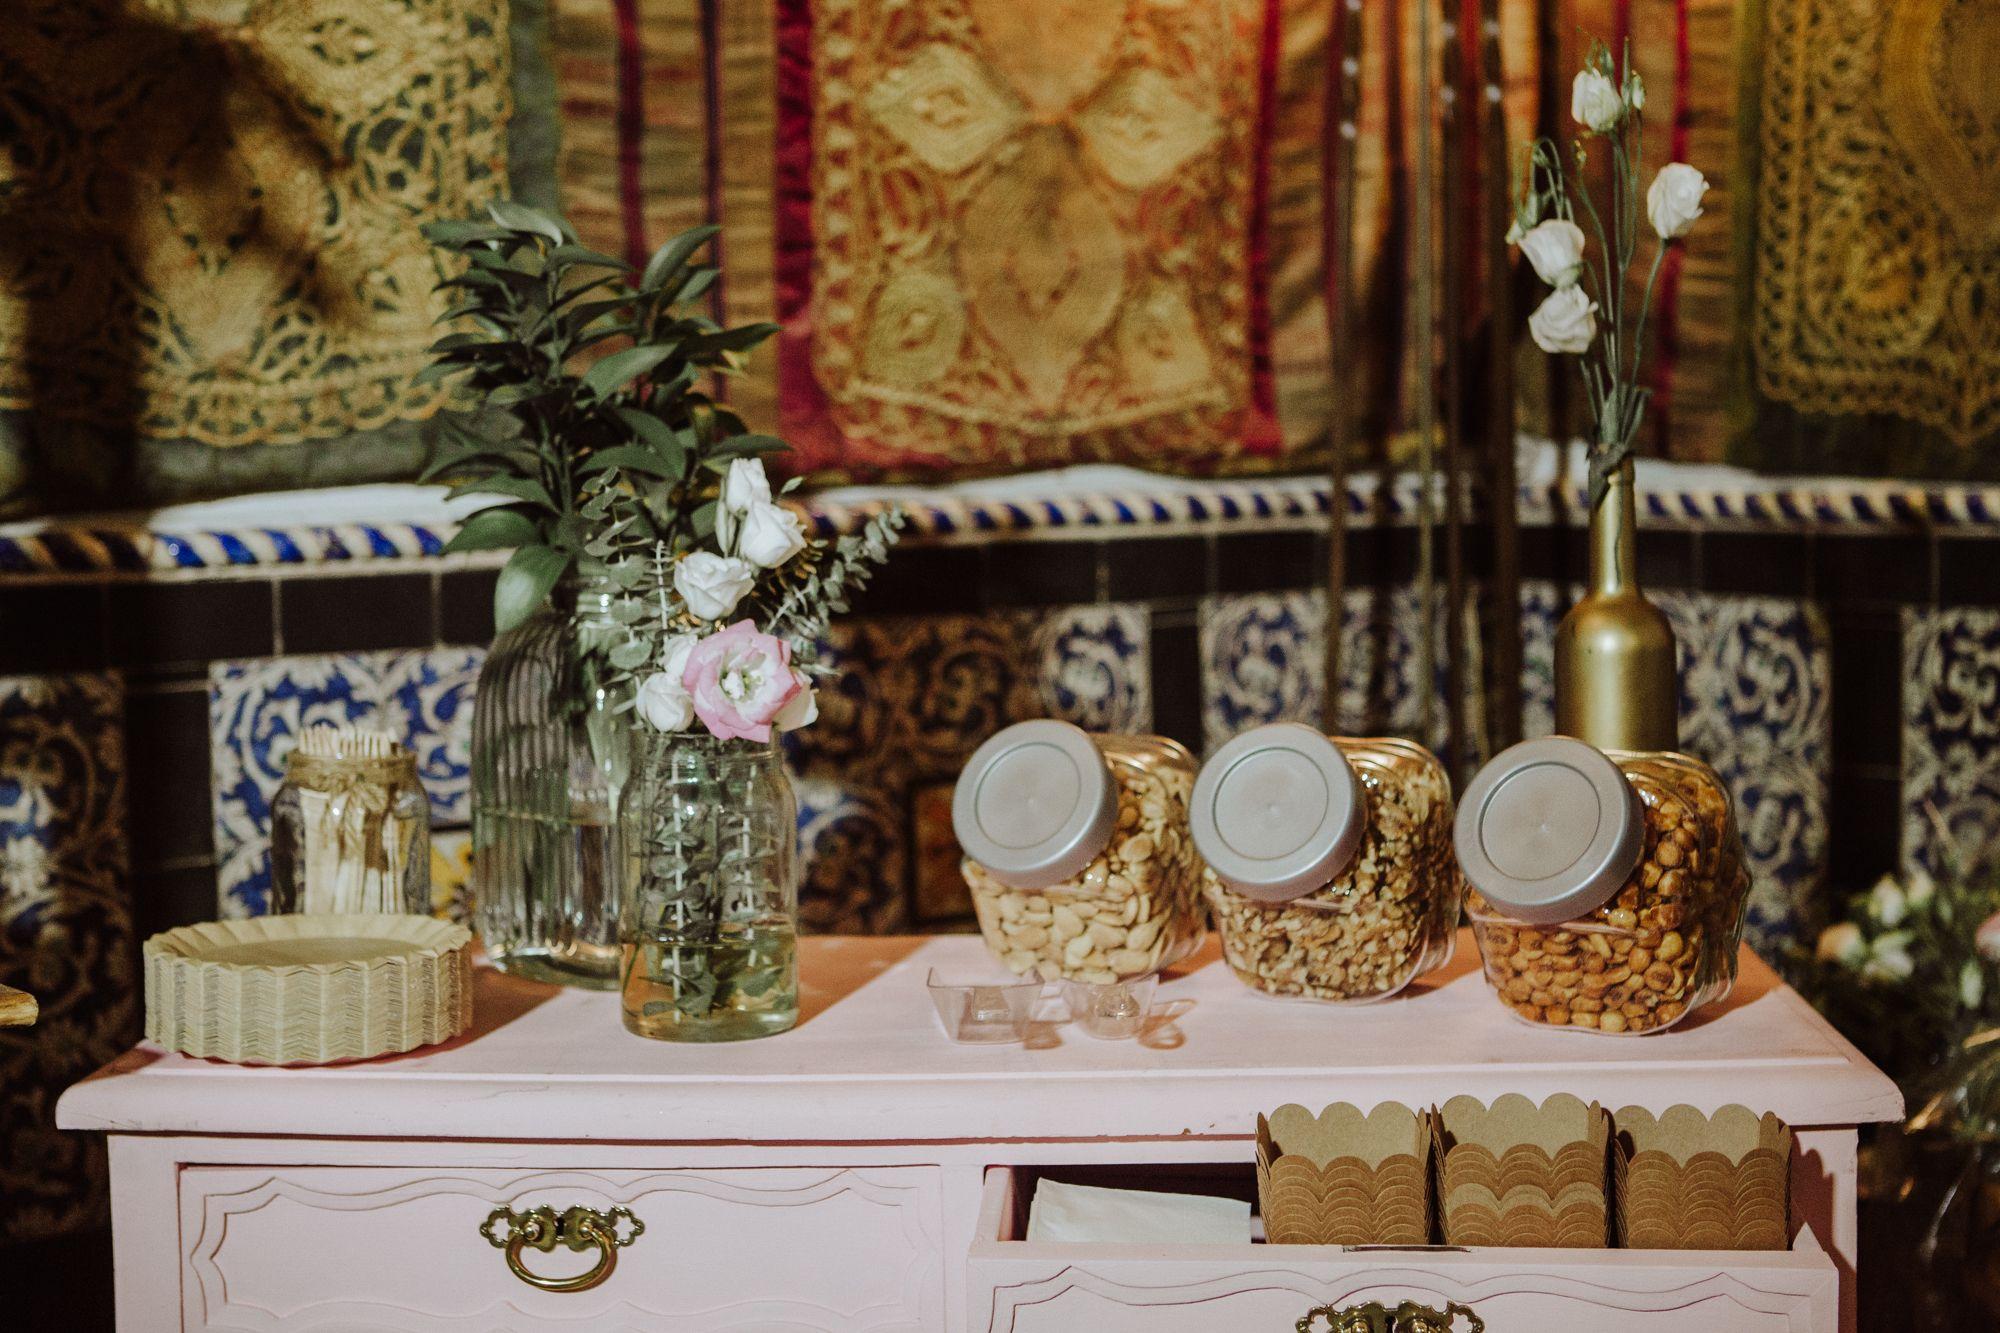 La boda de Amanda y Jorge en Villa Luisa 10